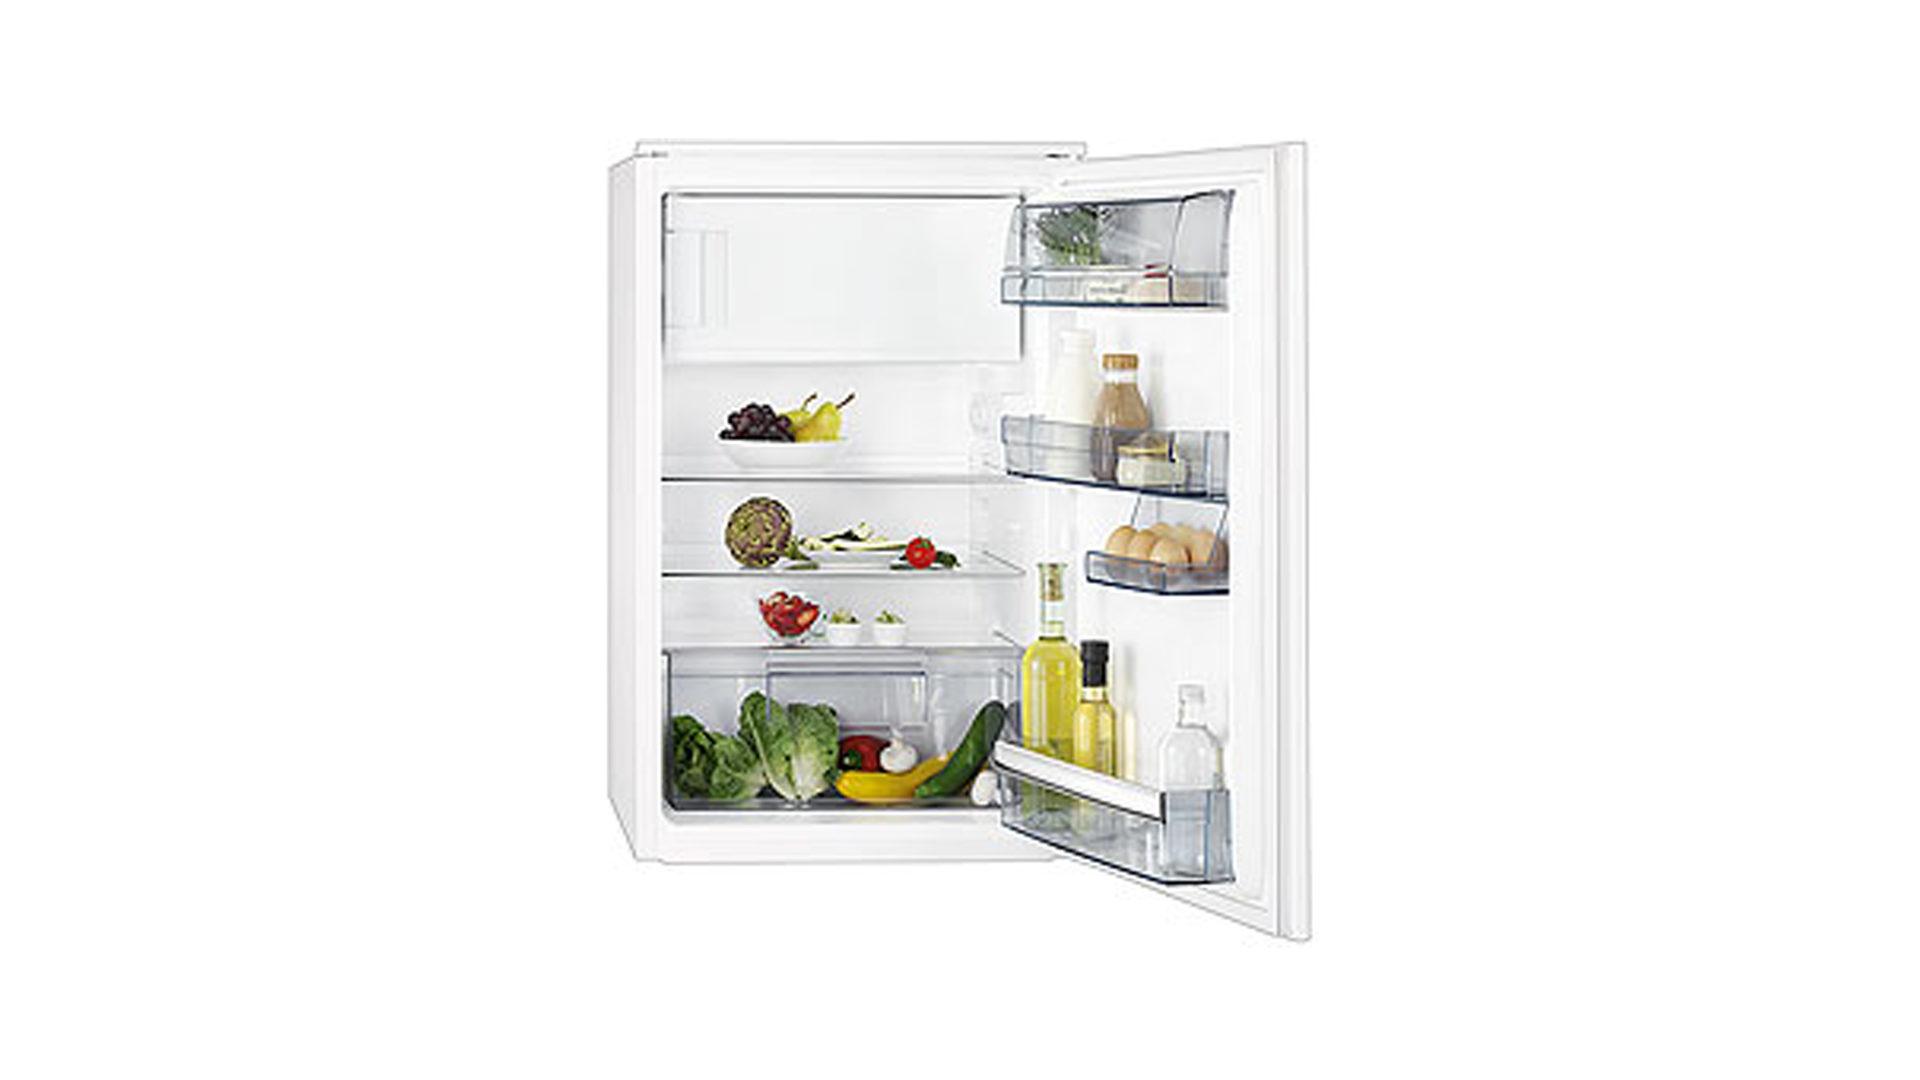 Aeg Kühlschrank Mit Gefrierfach Abtauen : Aeg kühlschrank gefrierfach abtauen gefrierschrank abtauen u